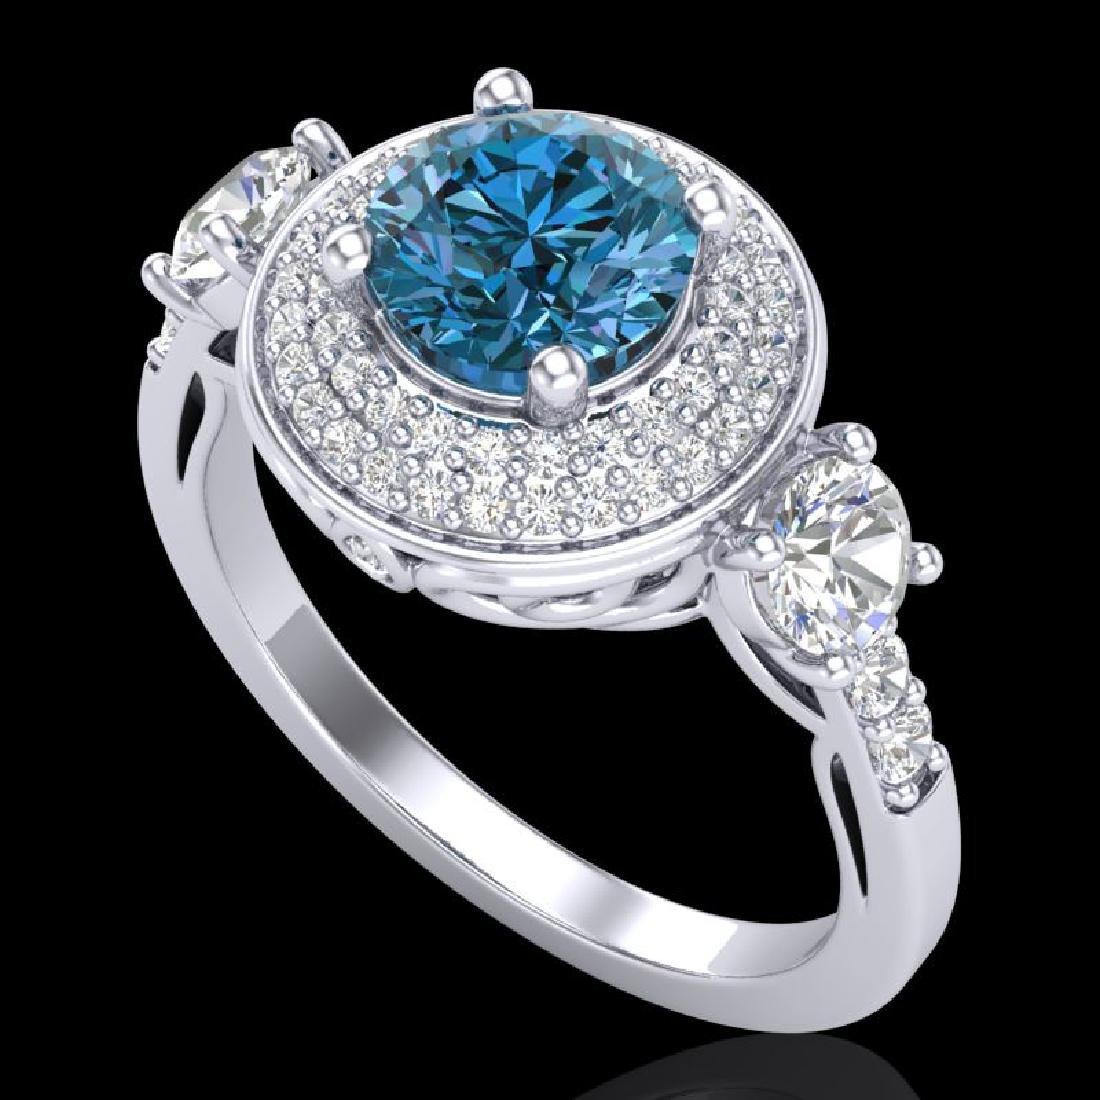 2.05 CTW Intense Blue Diamond Solitaire Art Deco 3